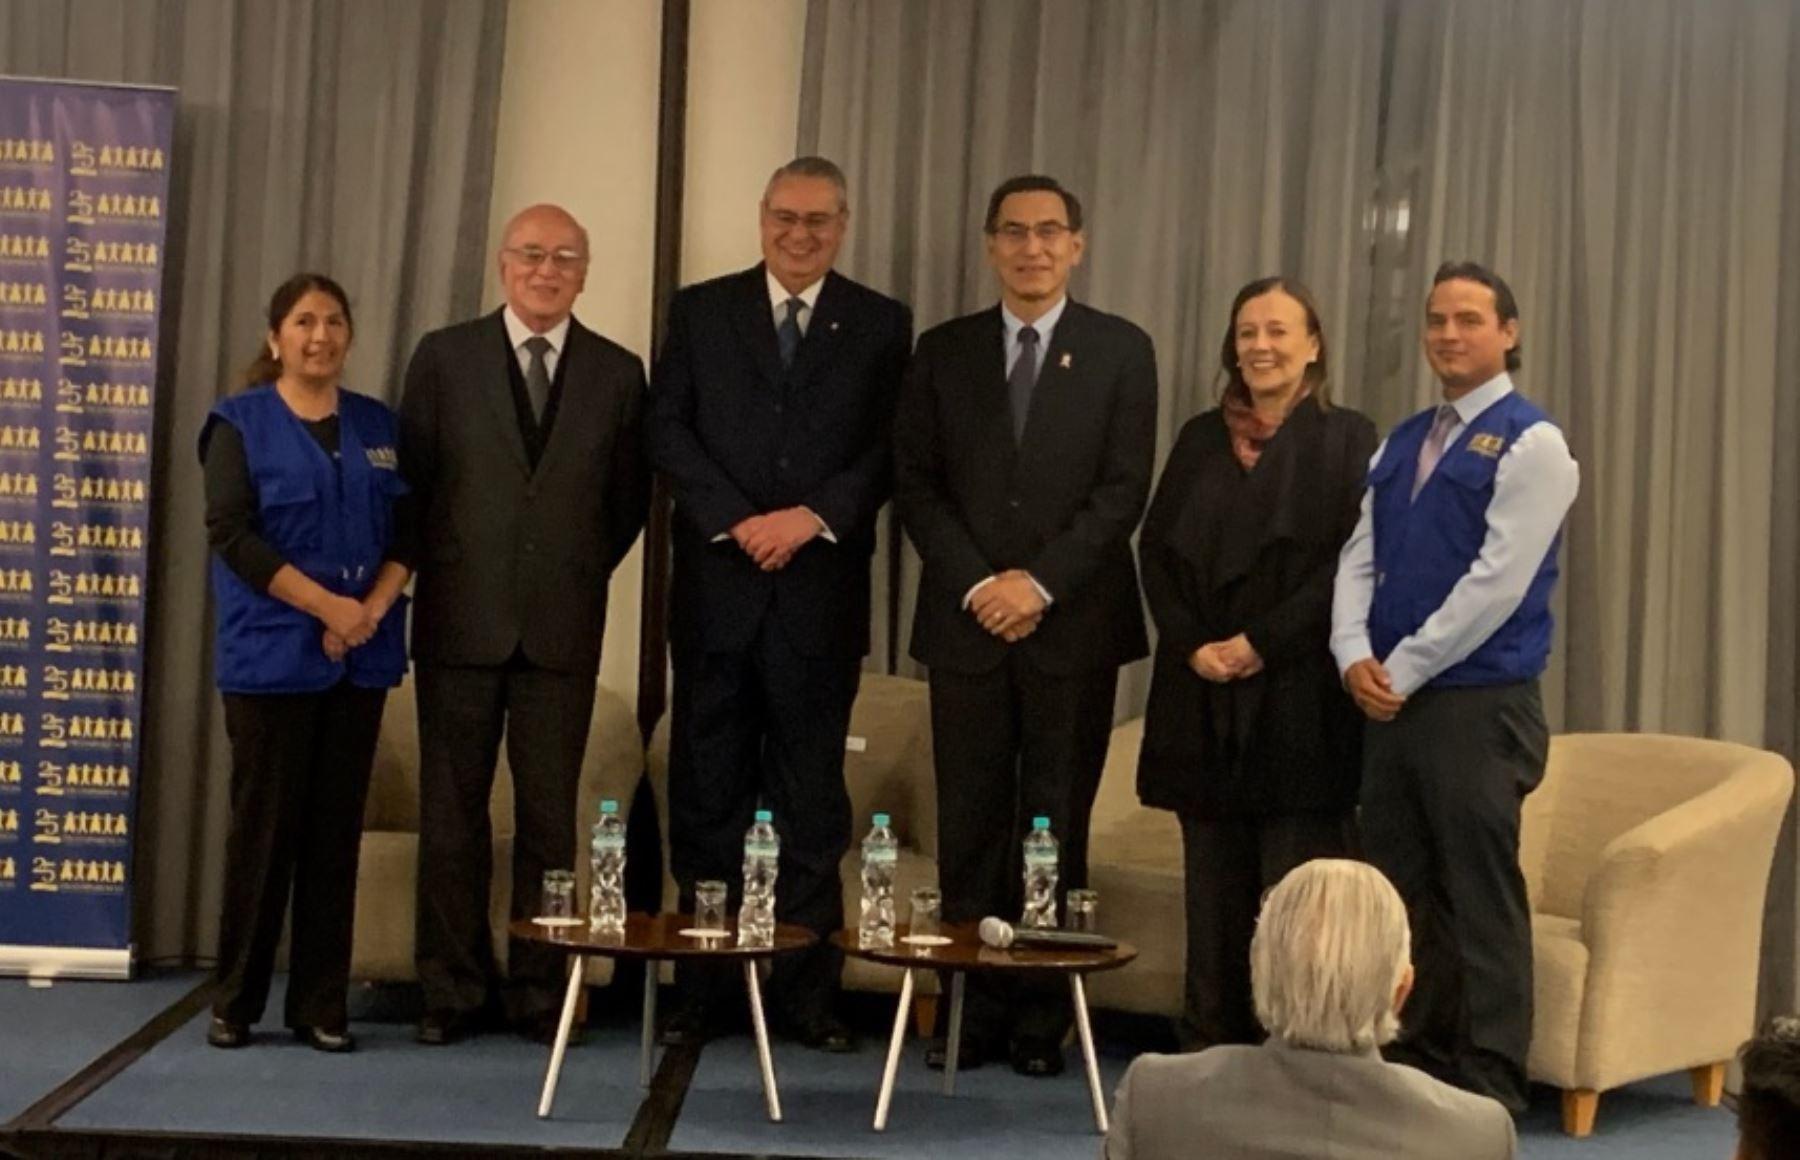 Presidente Martín Vizcarra se hizo presente en en aniversario de la Asociación Civil Transparencia. Foto: ANDINA/AC Transparencia